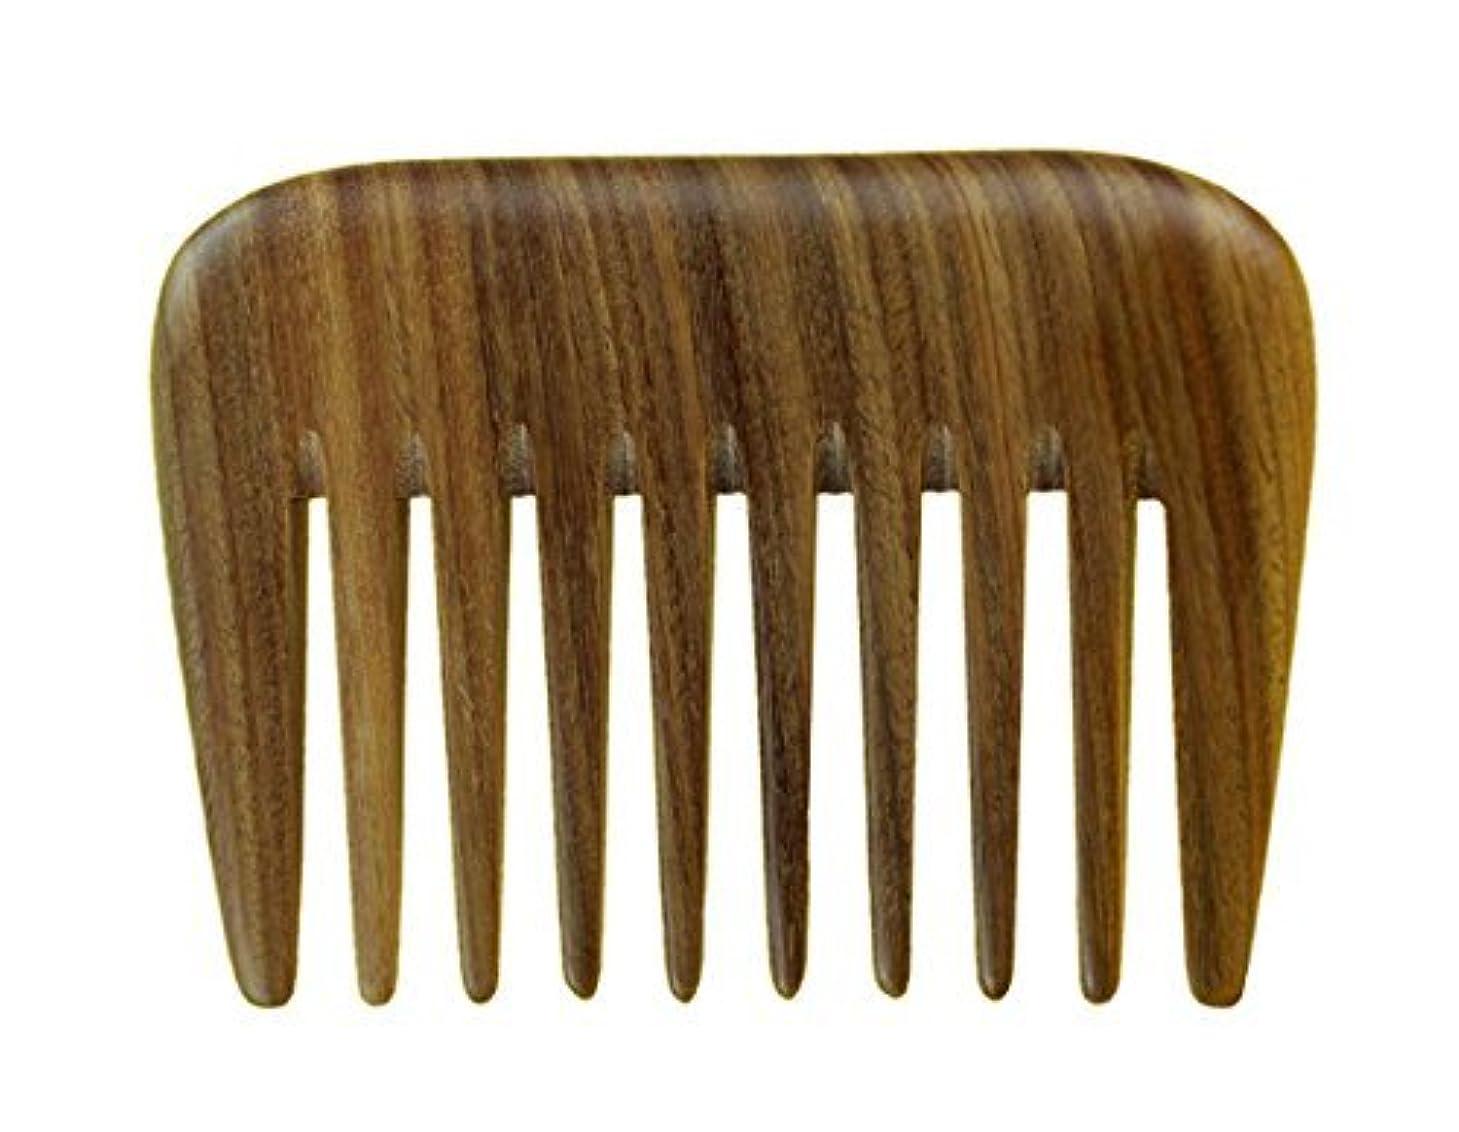 急襲ペレグリネーション散歩に行くMeta-C Portable Hair/Beard Comb/Pick ? Made Of One Whole Piece Of Natural Green Sandal Wood With Fragrant Scent...